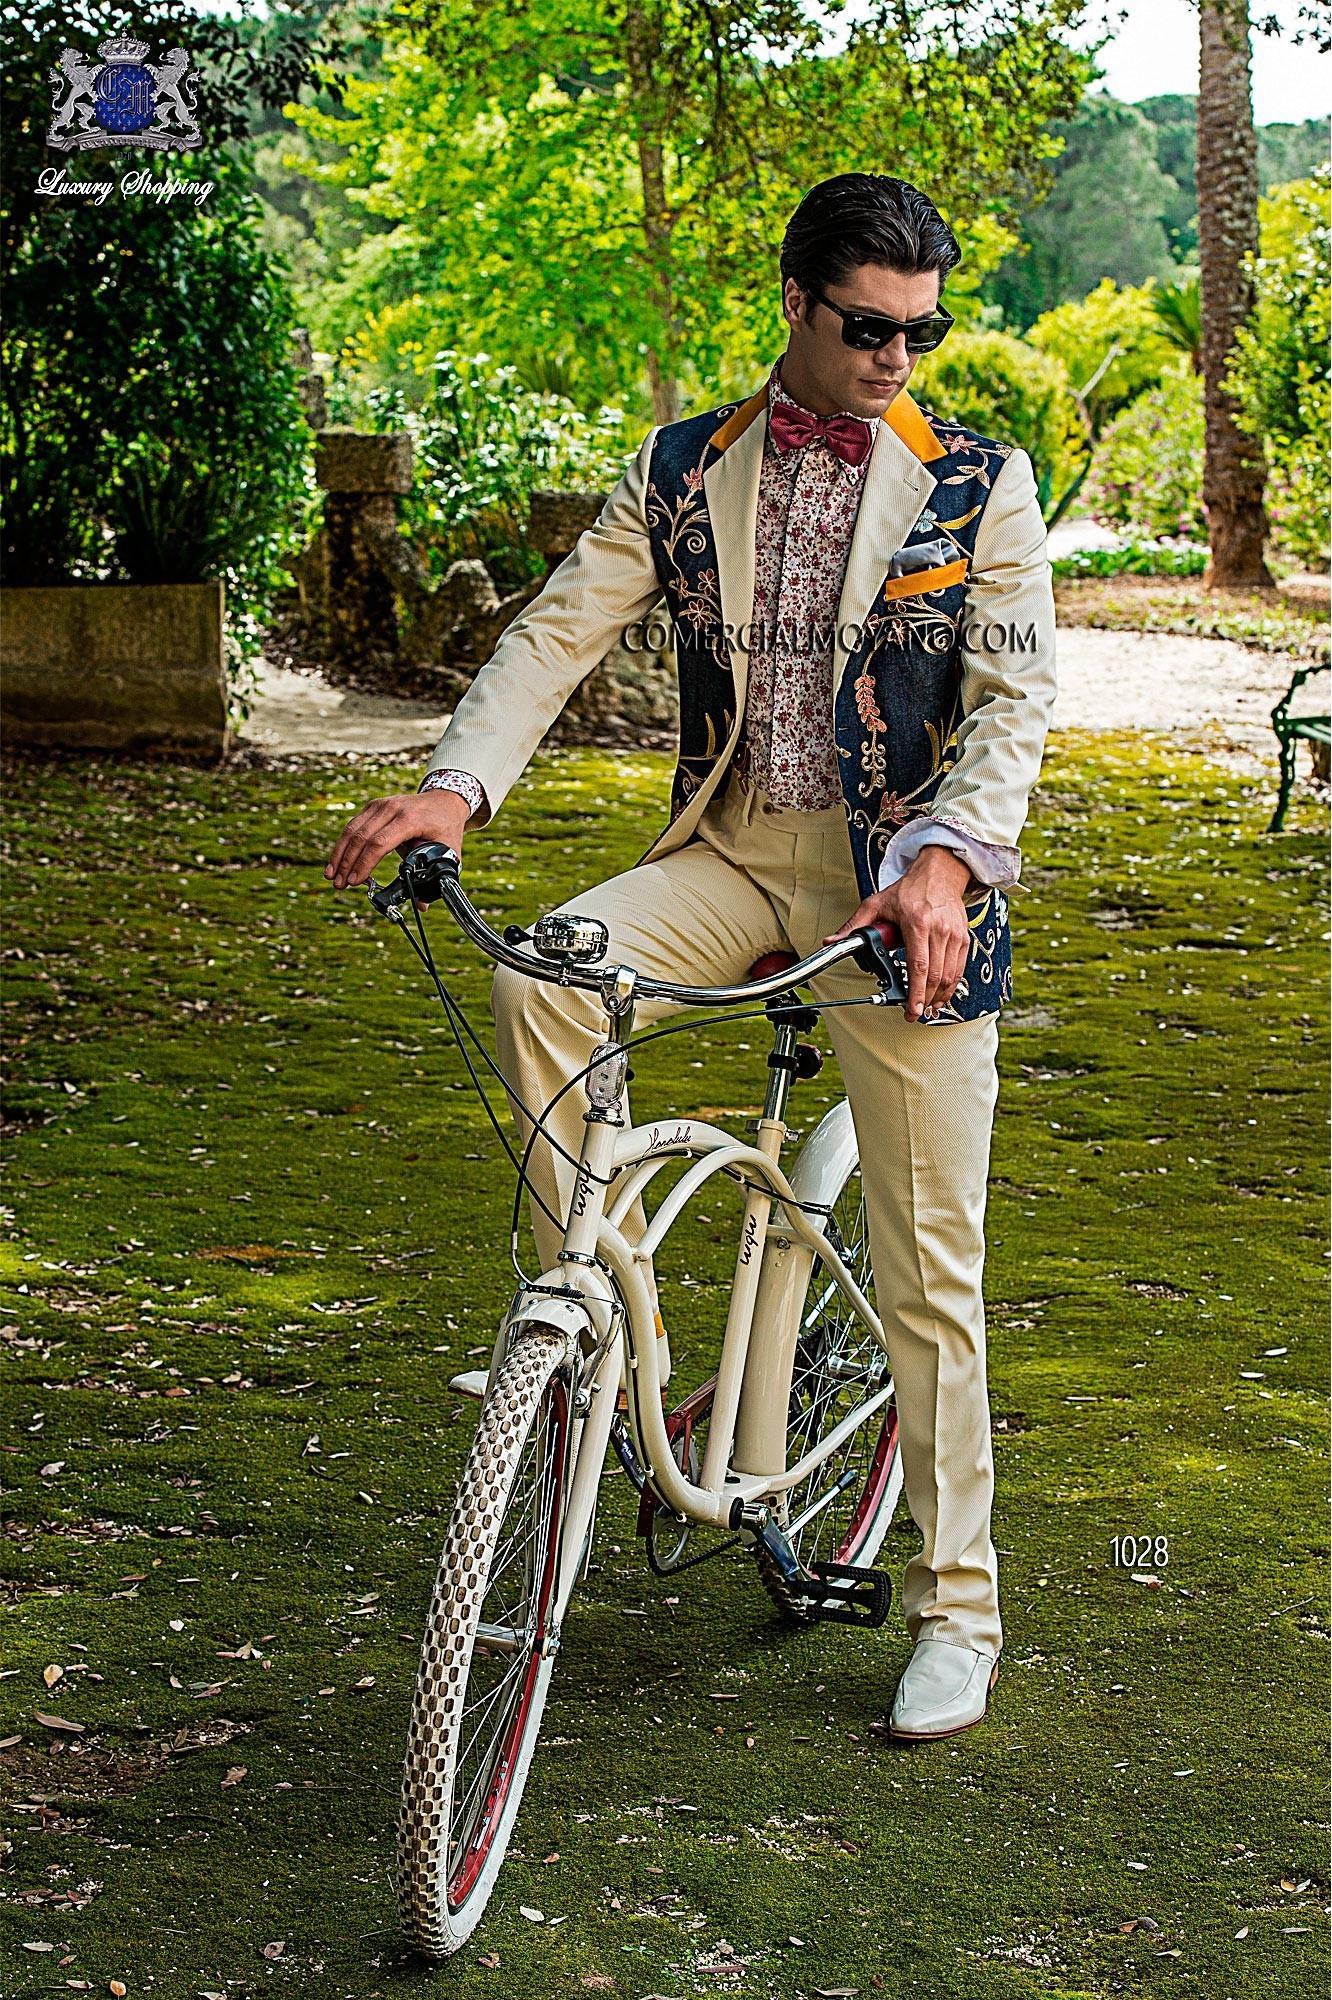 Traje de novio Hipster blanco modelo: 1028 Ottavio Nuccio Gala colección Hipster